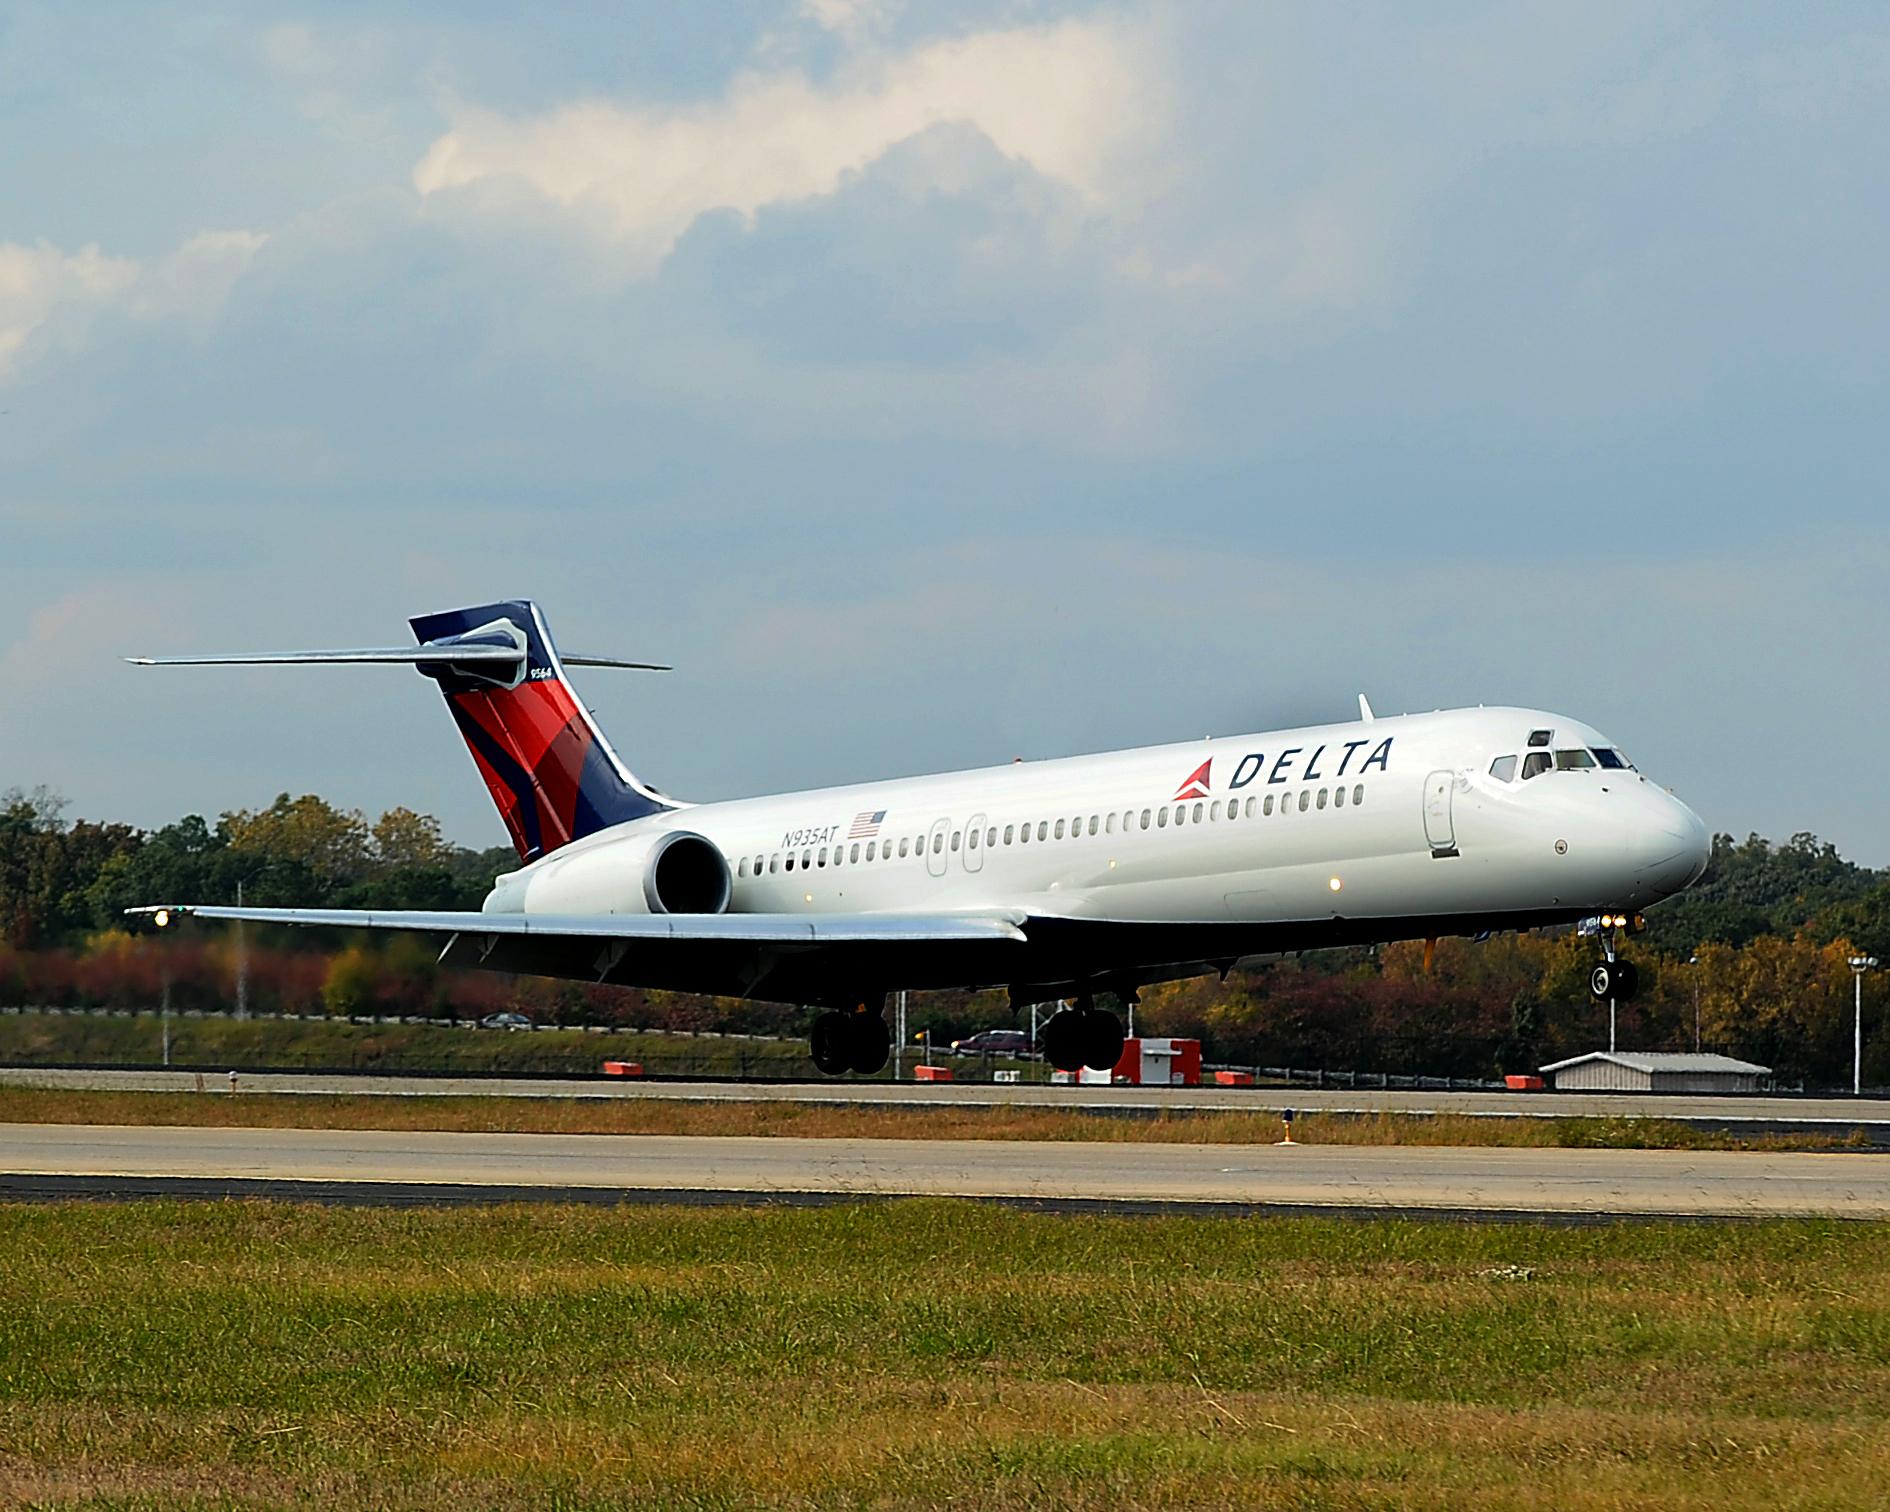 717 landing in Atlanta Ga